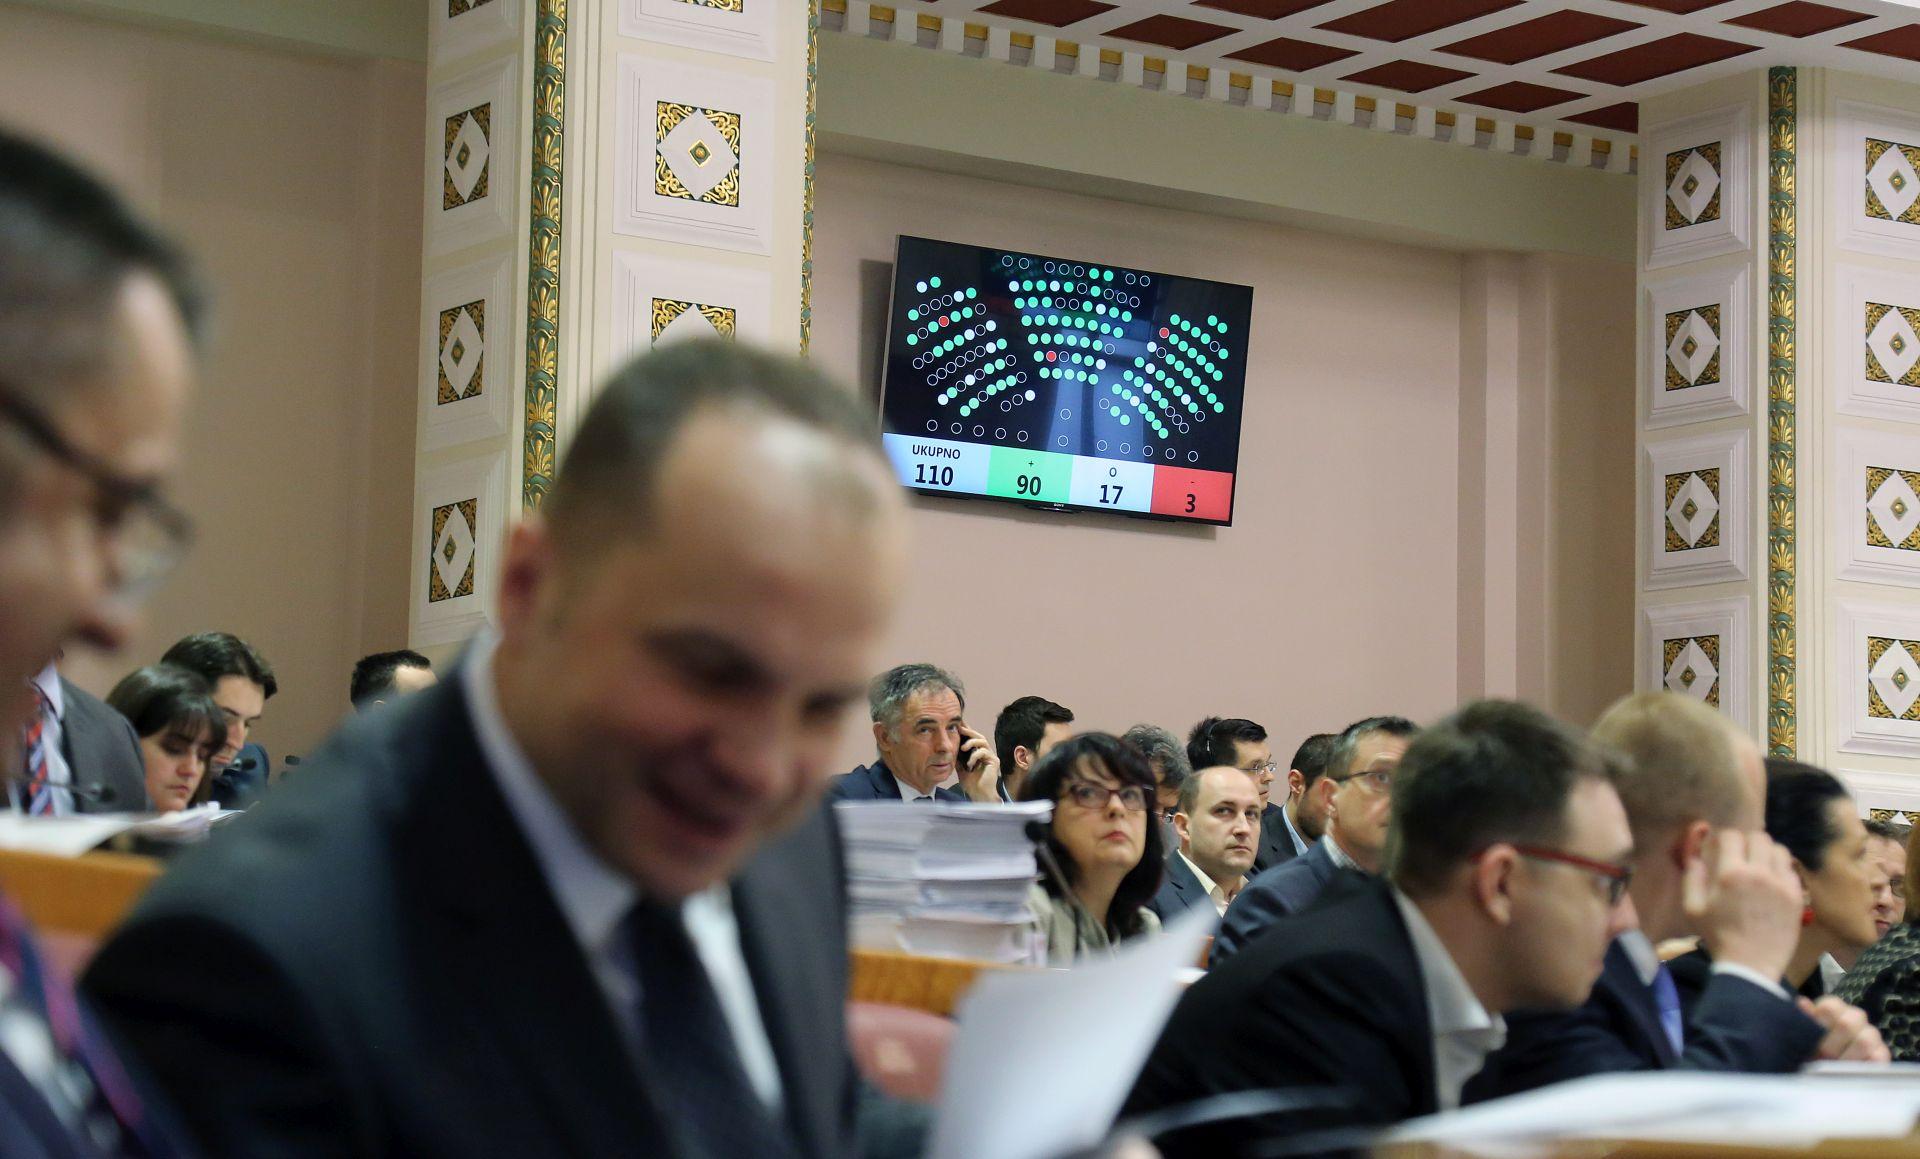 SABOR Zastupnici proširili dnevni red i glasovali